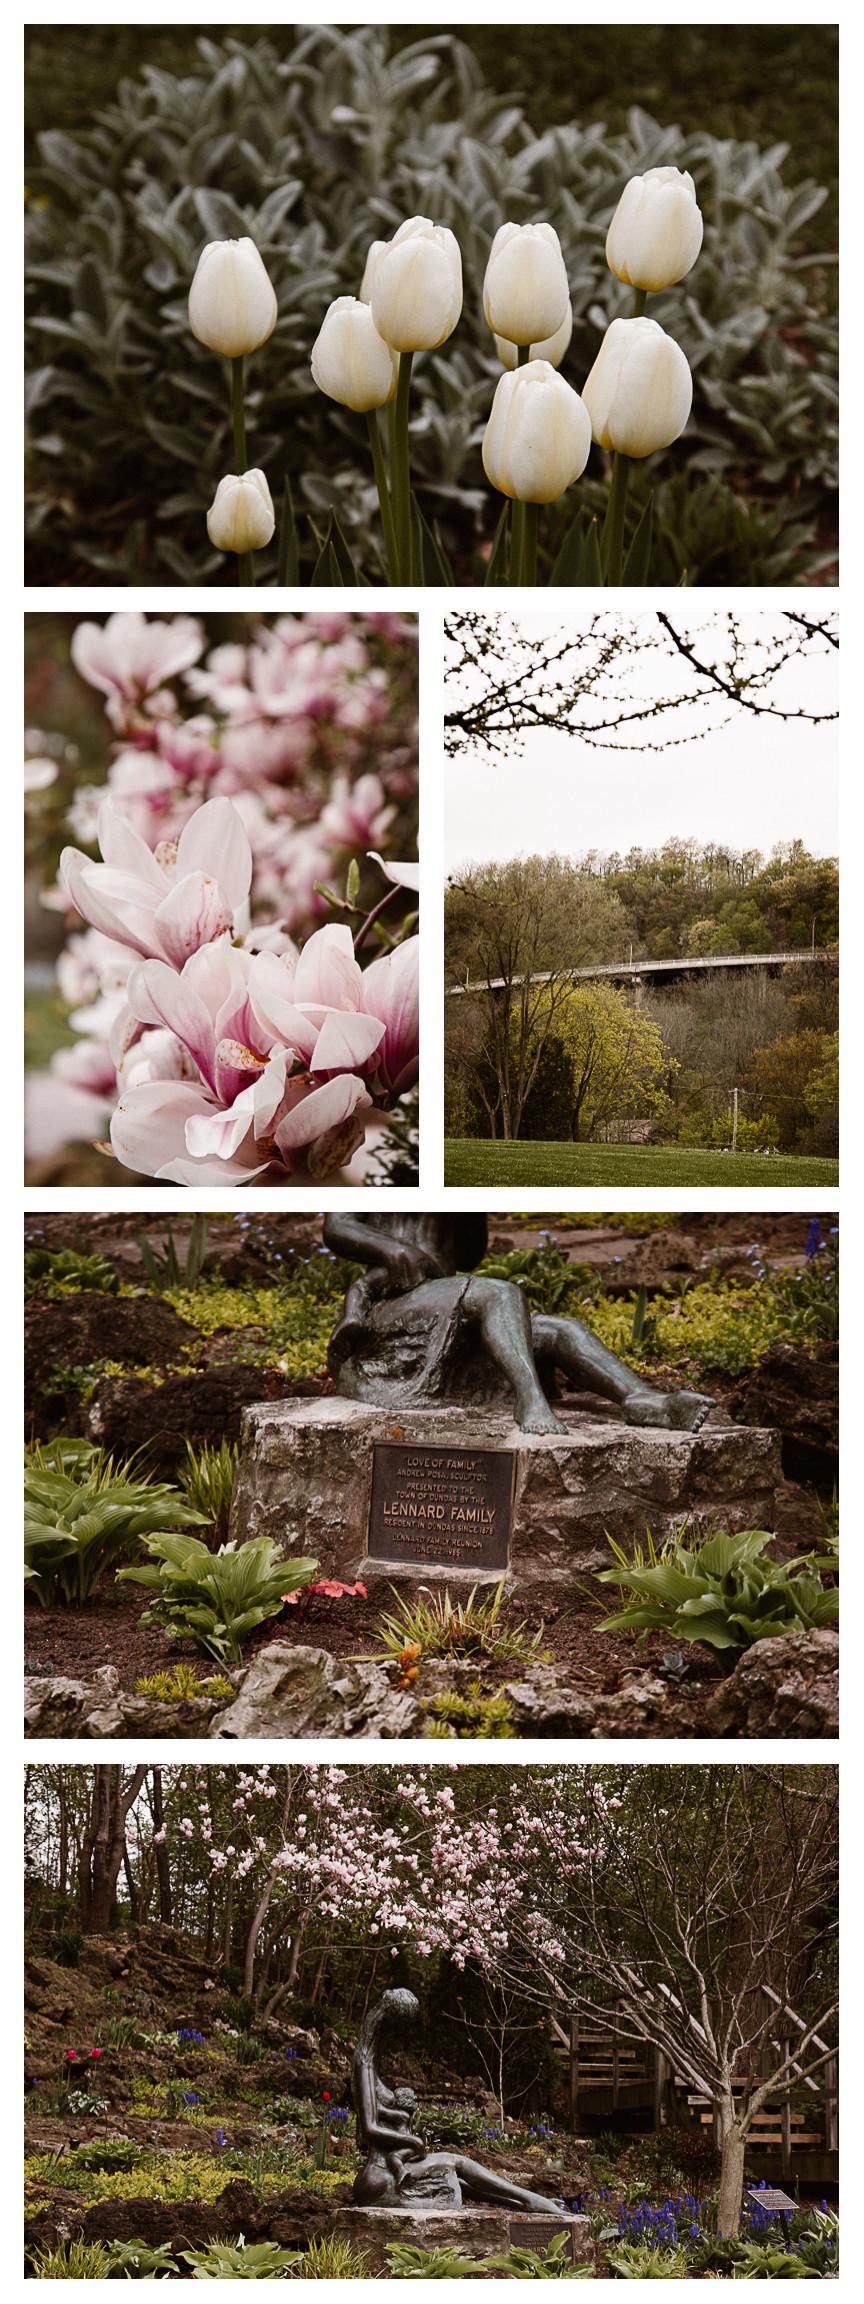 white tulips magnolia trees dundas driving park hamilton ontario